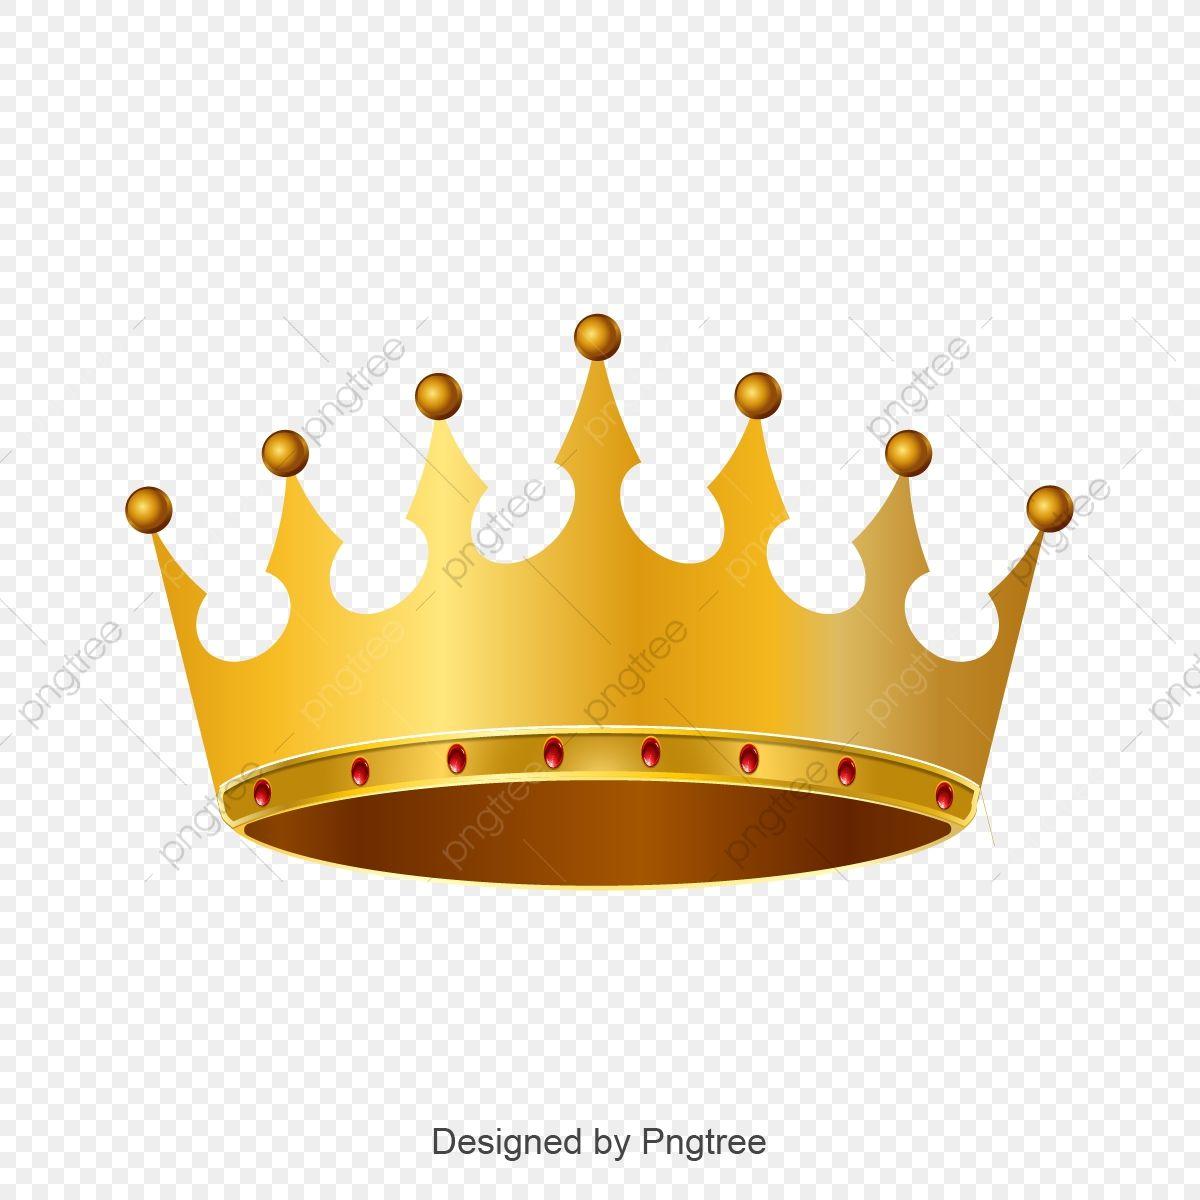 التاج الذهبي تصميم ناقلات الأميرة تاج فنية تاج السلطة Png والمتجهات للتحميل مجانا Vector Design Golden Pattern Love Background Images